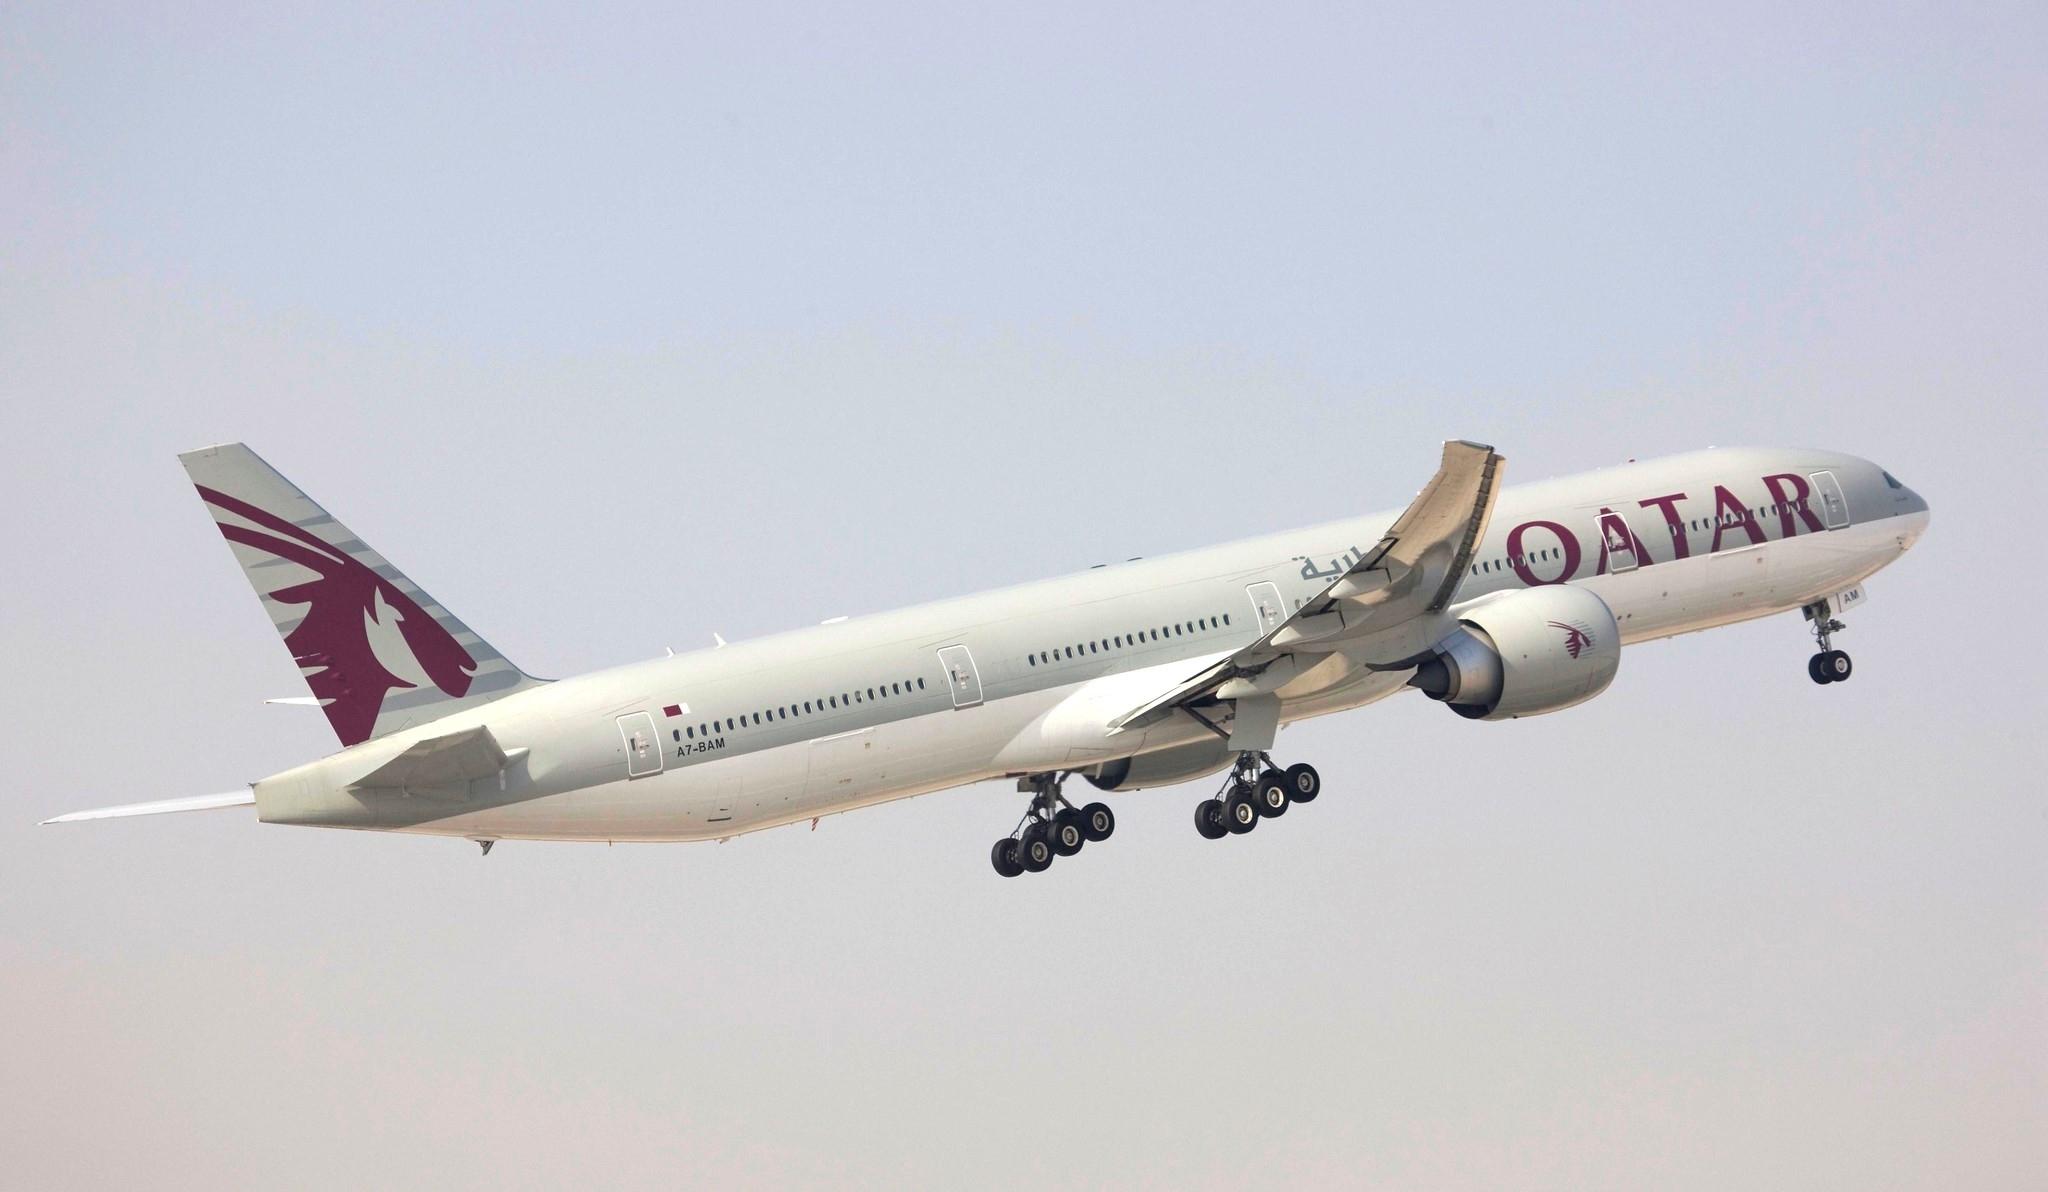 欧洲民航出现报复性需求 卡塔尔航空增加雅典航班